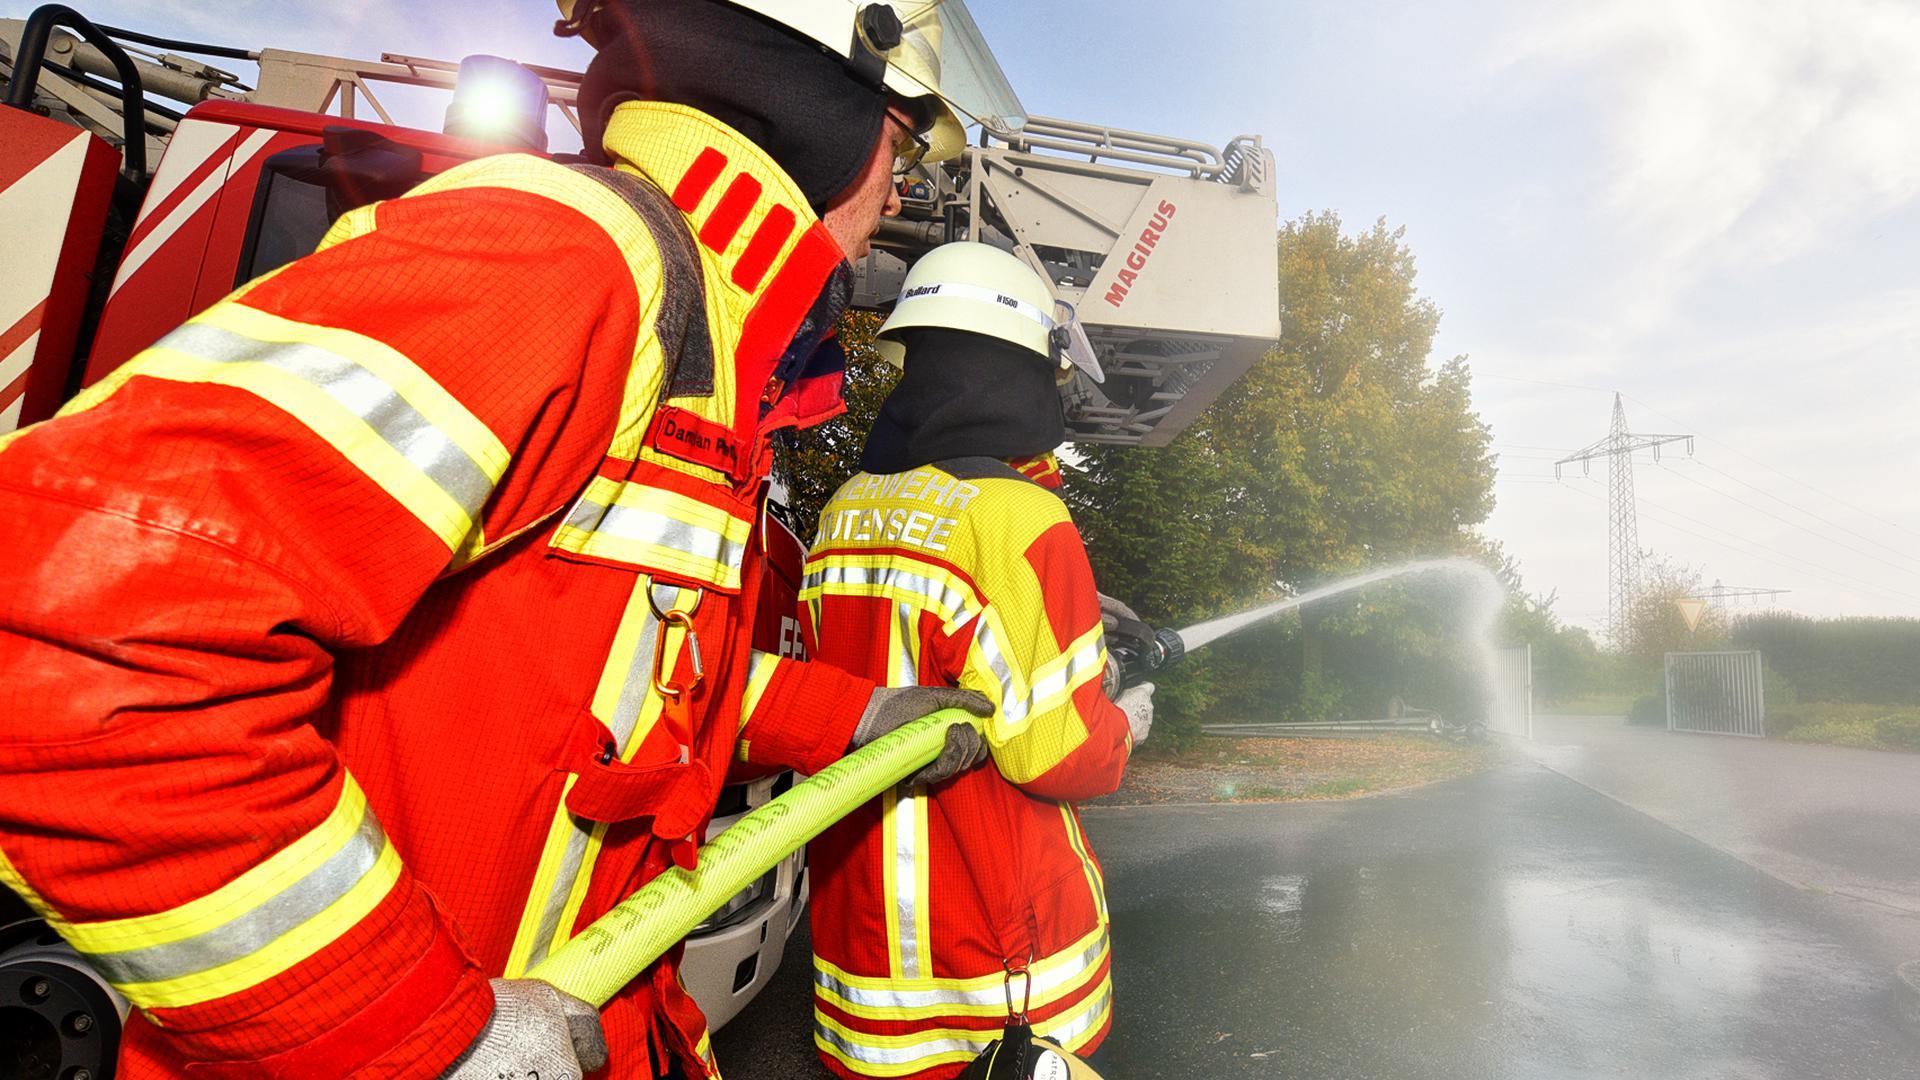 Mitglieder der Feuerwehr halten einen Wasserschlauch (Symbolbild).